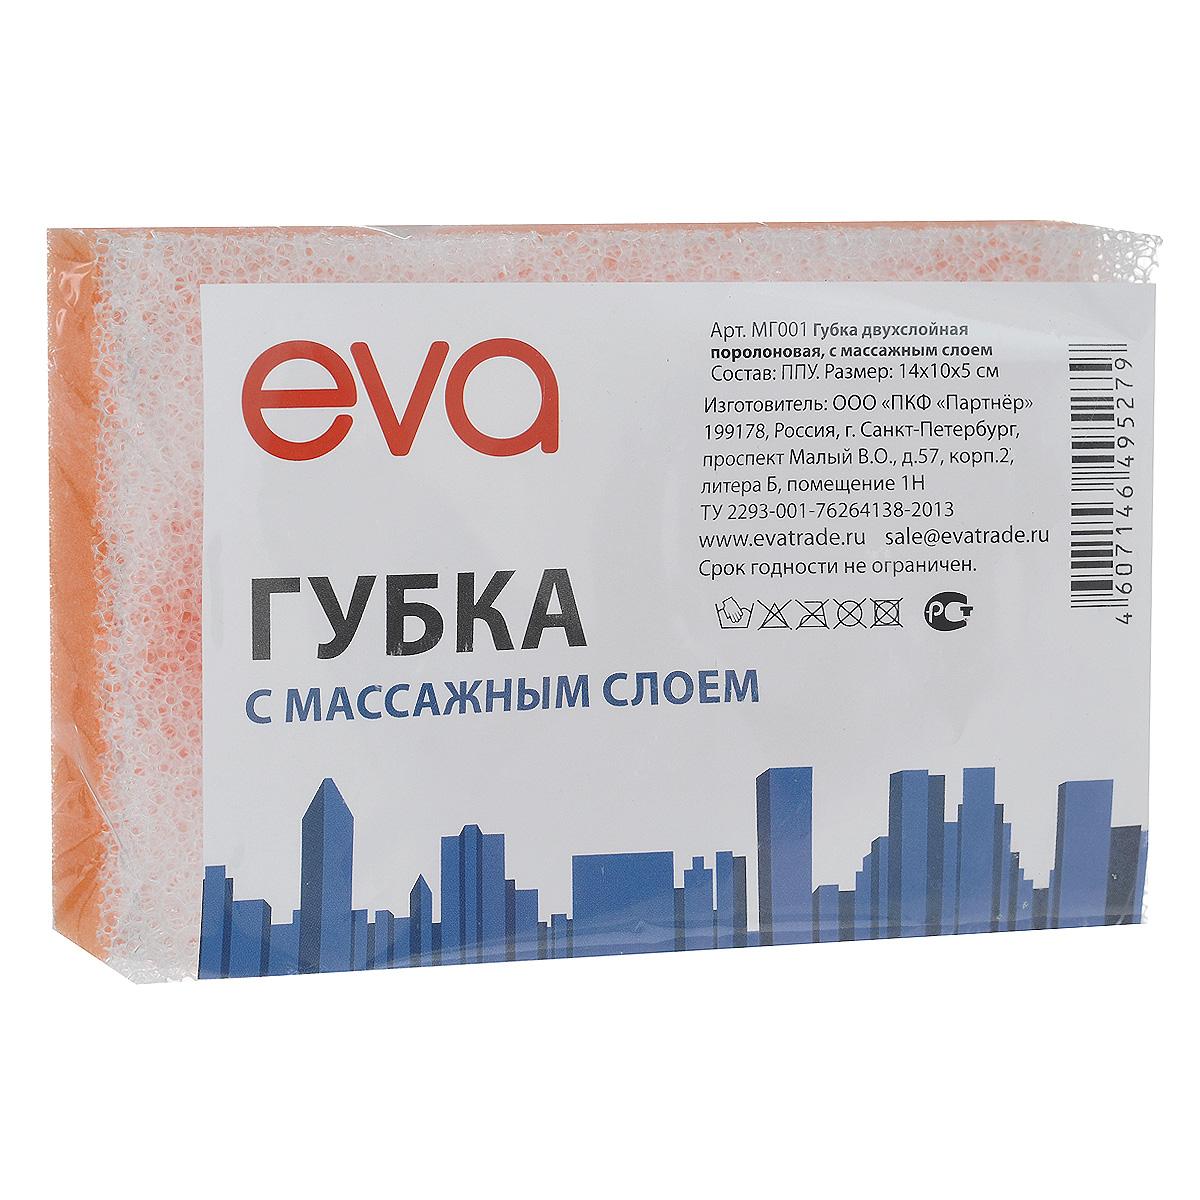 Губка для тела Eva, с массажным слоем, цвет: оранжевыйМГ001_оранжевыйГубка для тела Eva изготовлена из пенополиуретана и оснащена массажным слоем. Губку можно использовать в ванной, в бане или в сауне. Она улучшает циркуляцию крови и обмен веществ, делает кожу здоровой и красивой. Подходит для ежедневного применения.